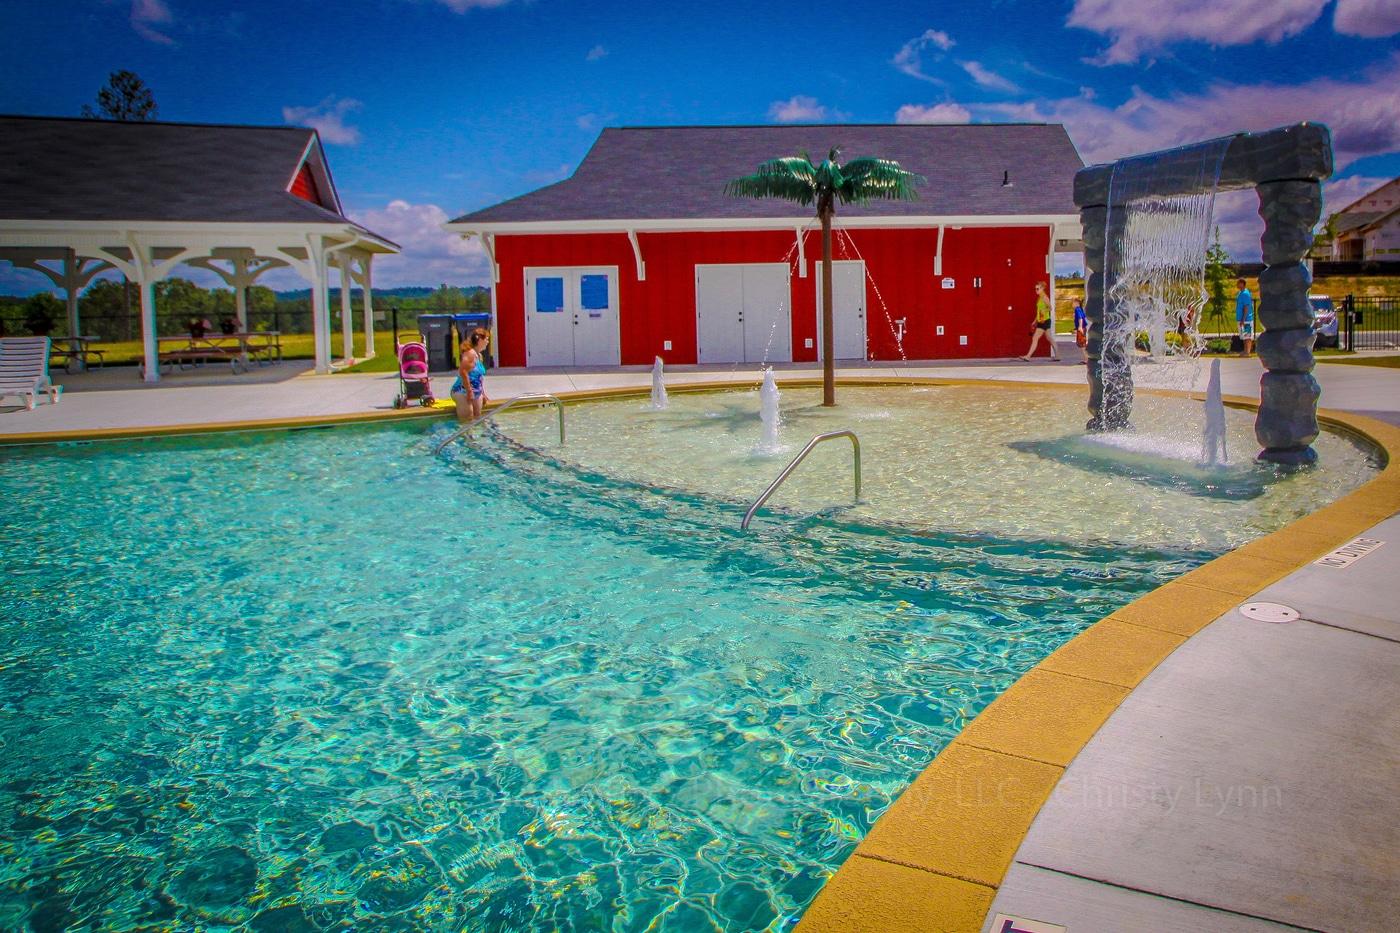 Haynes Station pool with kid area.